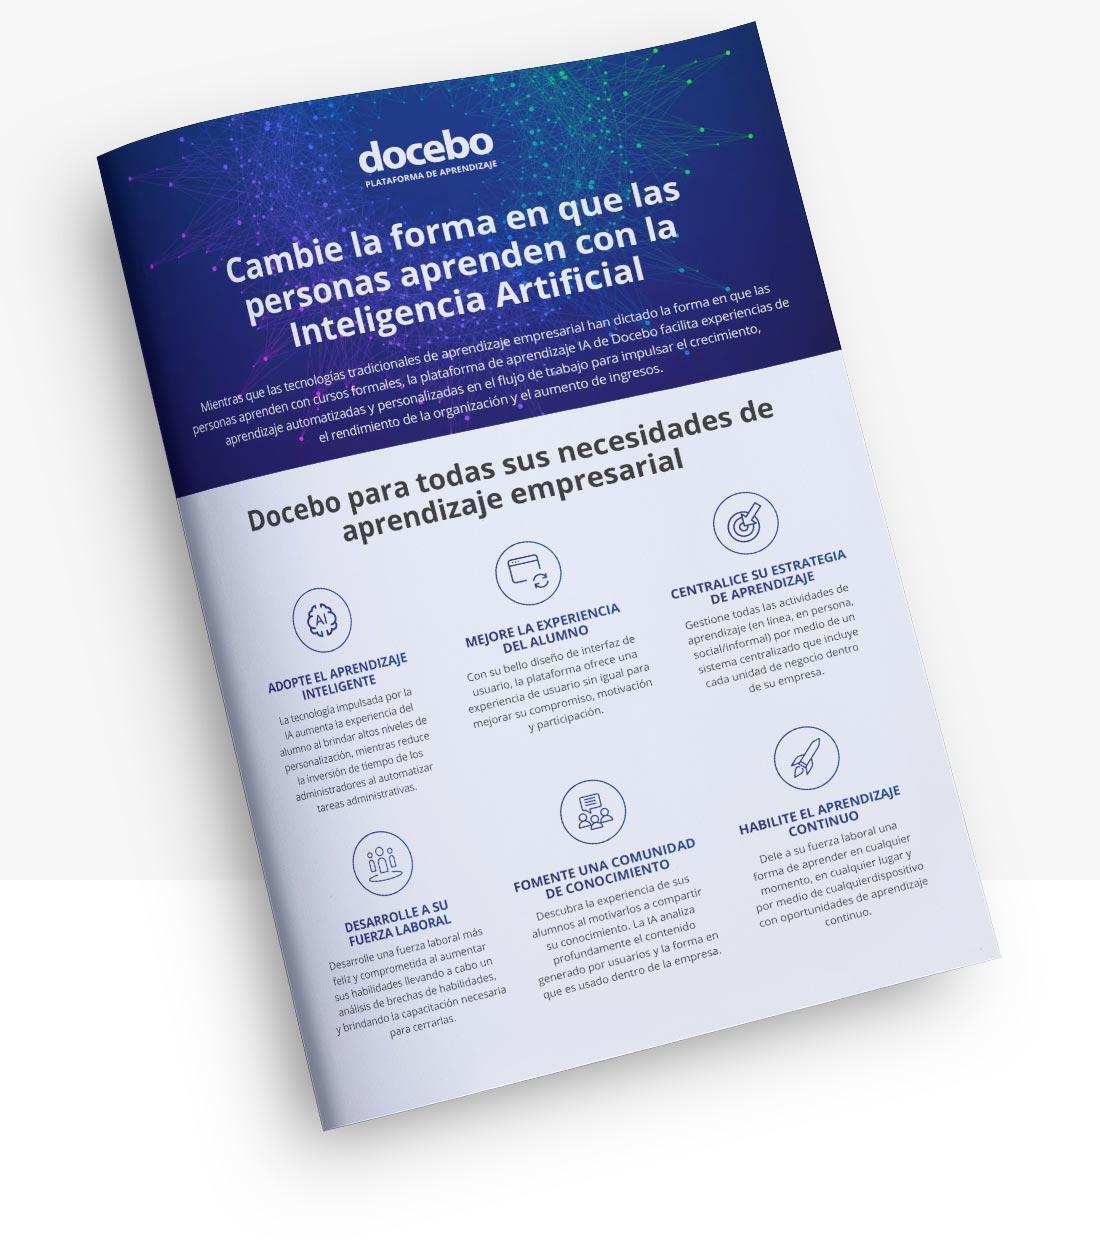 Docebo plataforma de aprendizaje en línea para la capacitación empresarial